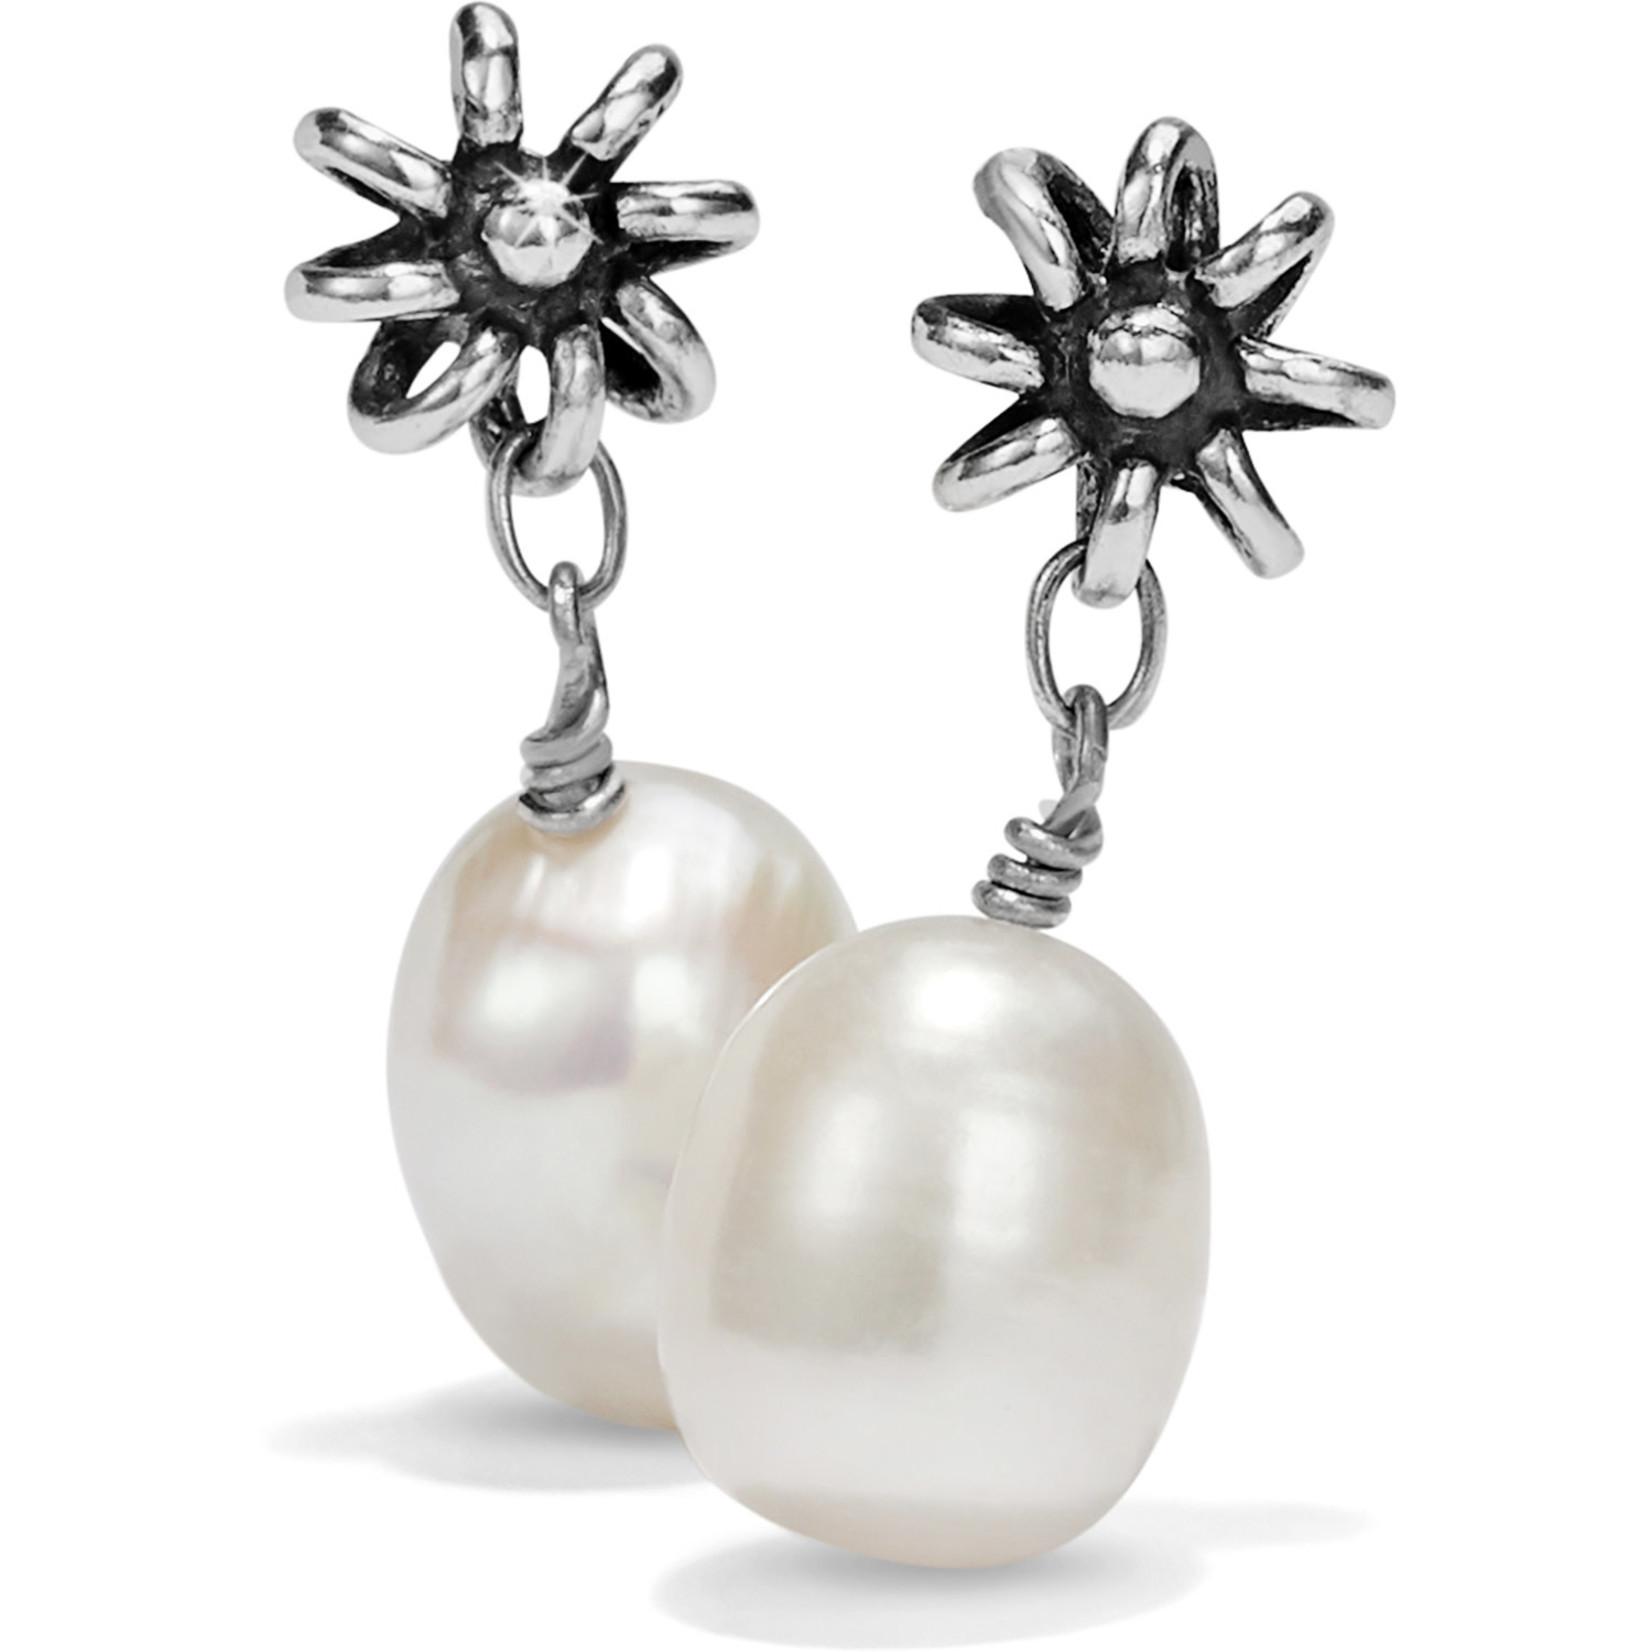 Brighton Rajasthan Jasmin Post Drop Earrings Silver-Pearl